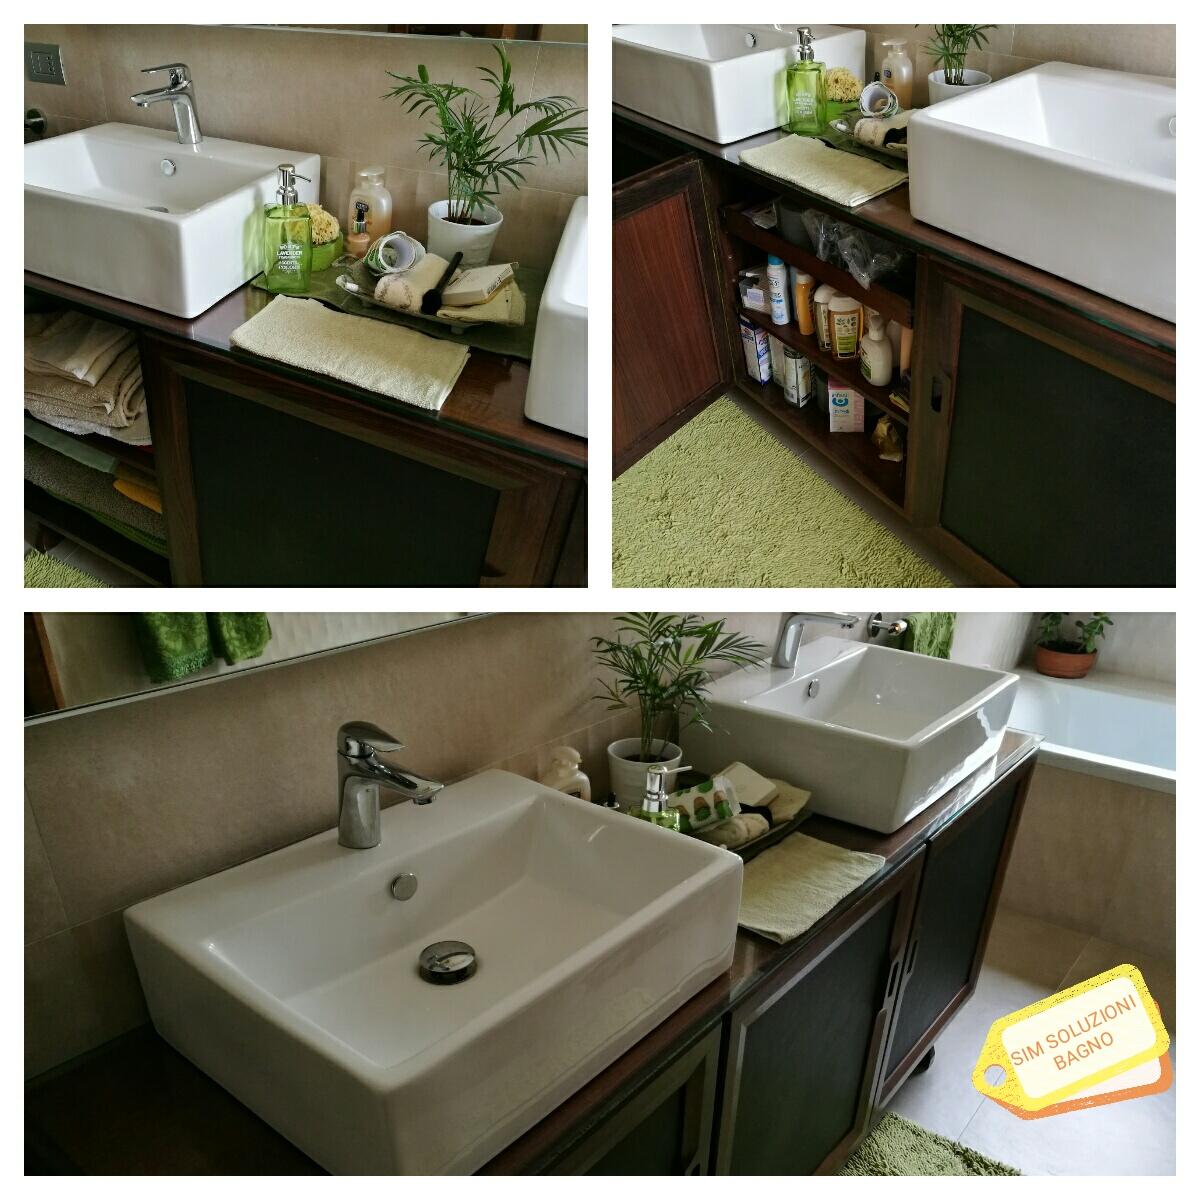 idee d arredo per il bagno come sfruttare il riciclo